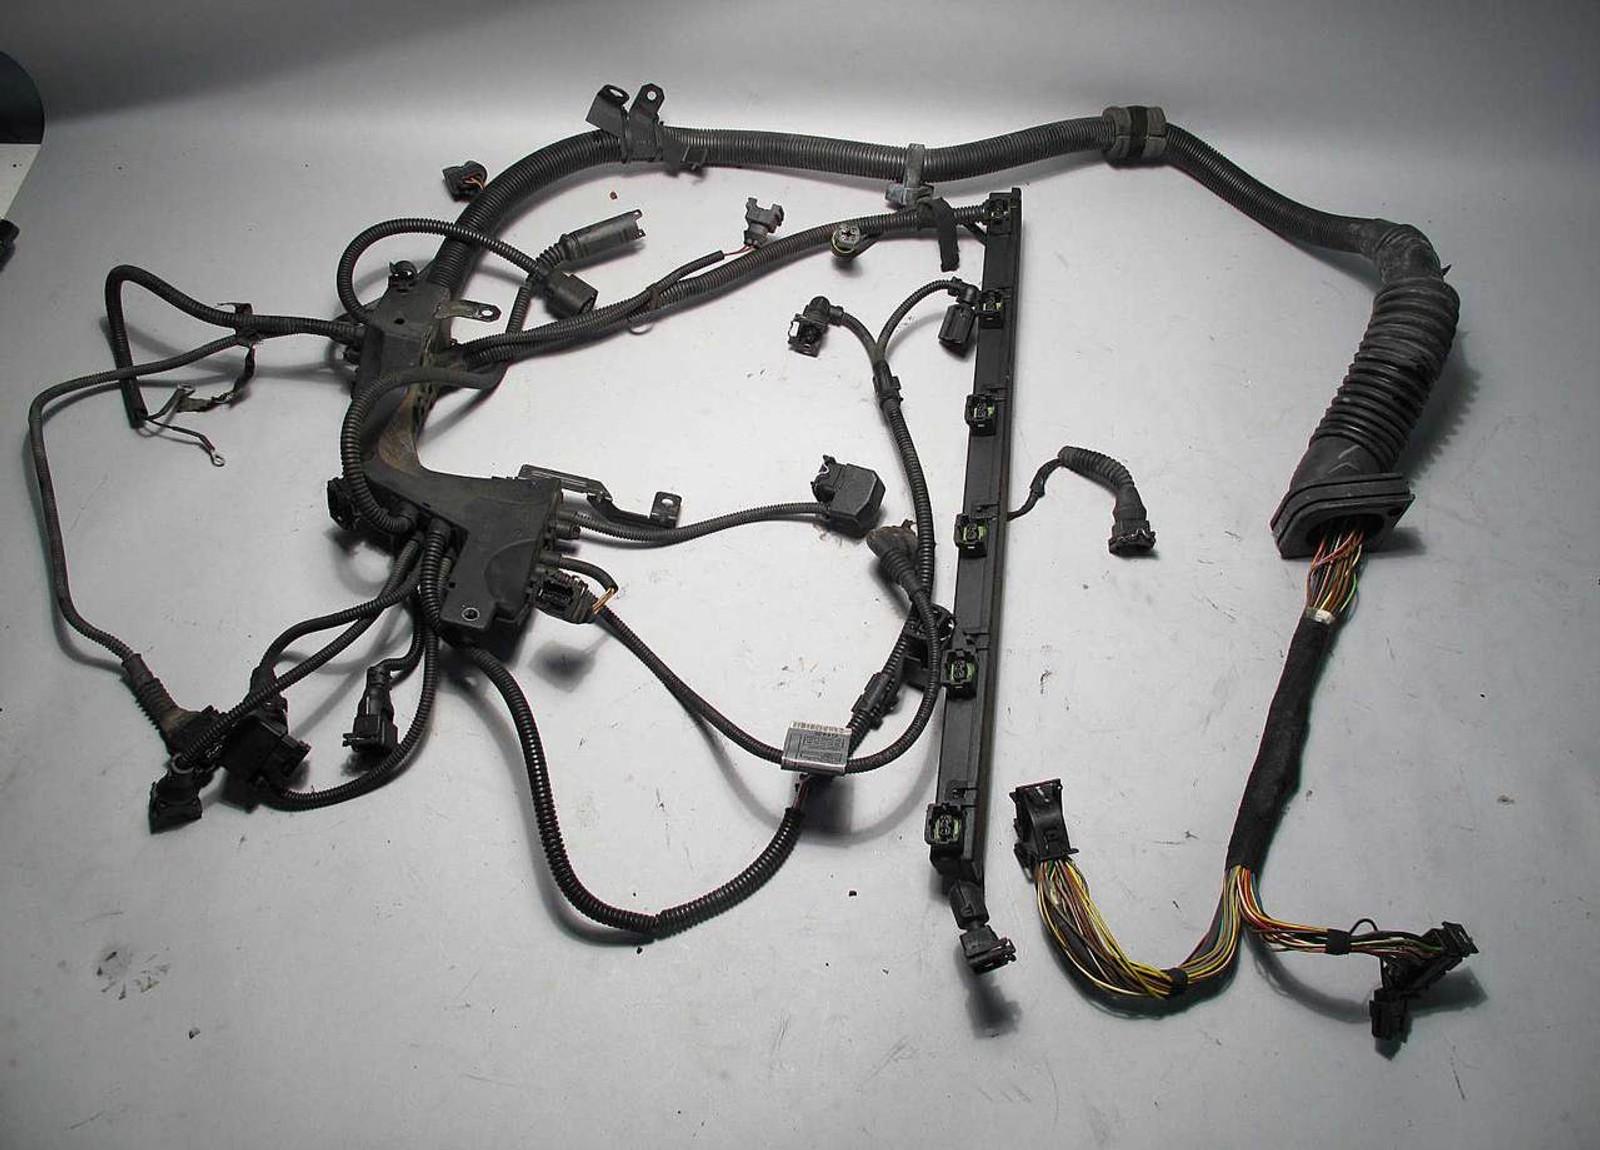 bmw e53 x5 m54 6 cylinder engine wiring harness. Black Bedroom Furniture Sets. Home Design Ideas